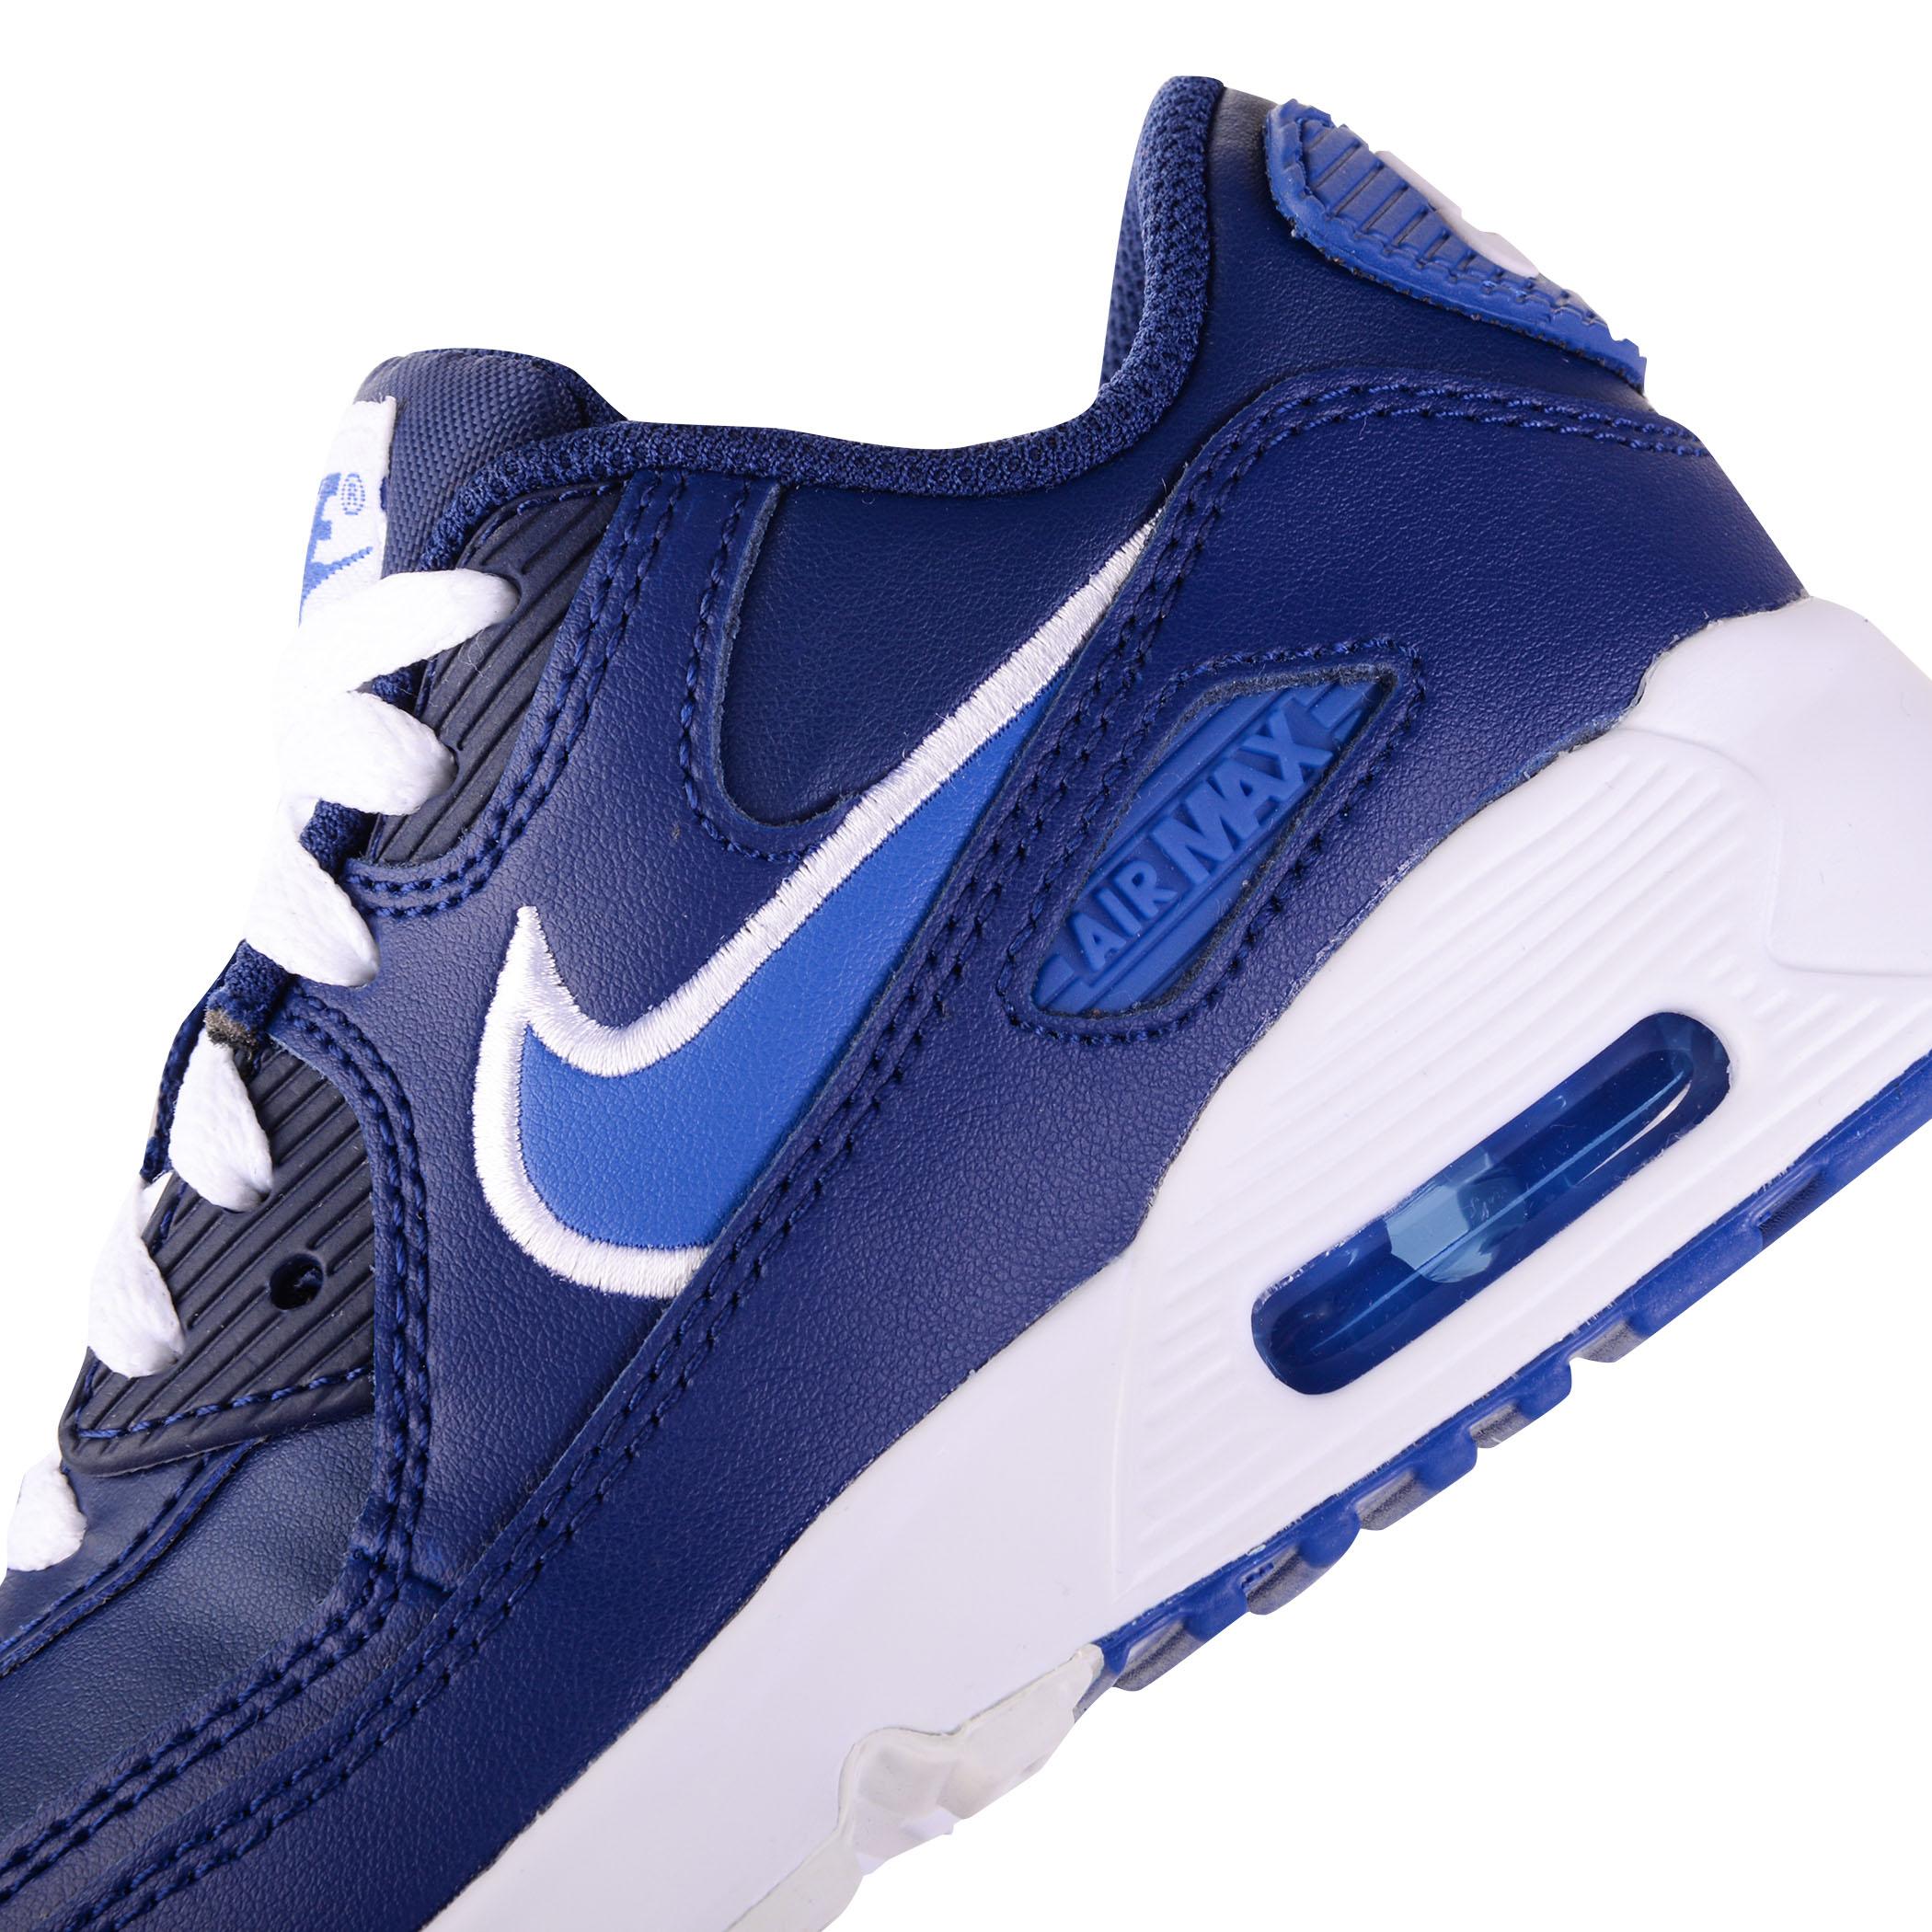 Schuhe NIKE Air Max 90 Ltr GS 833412 409 Blue VoidGame